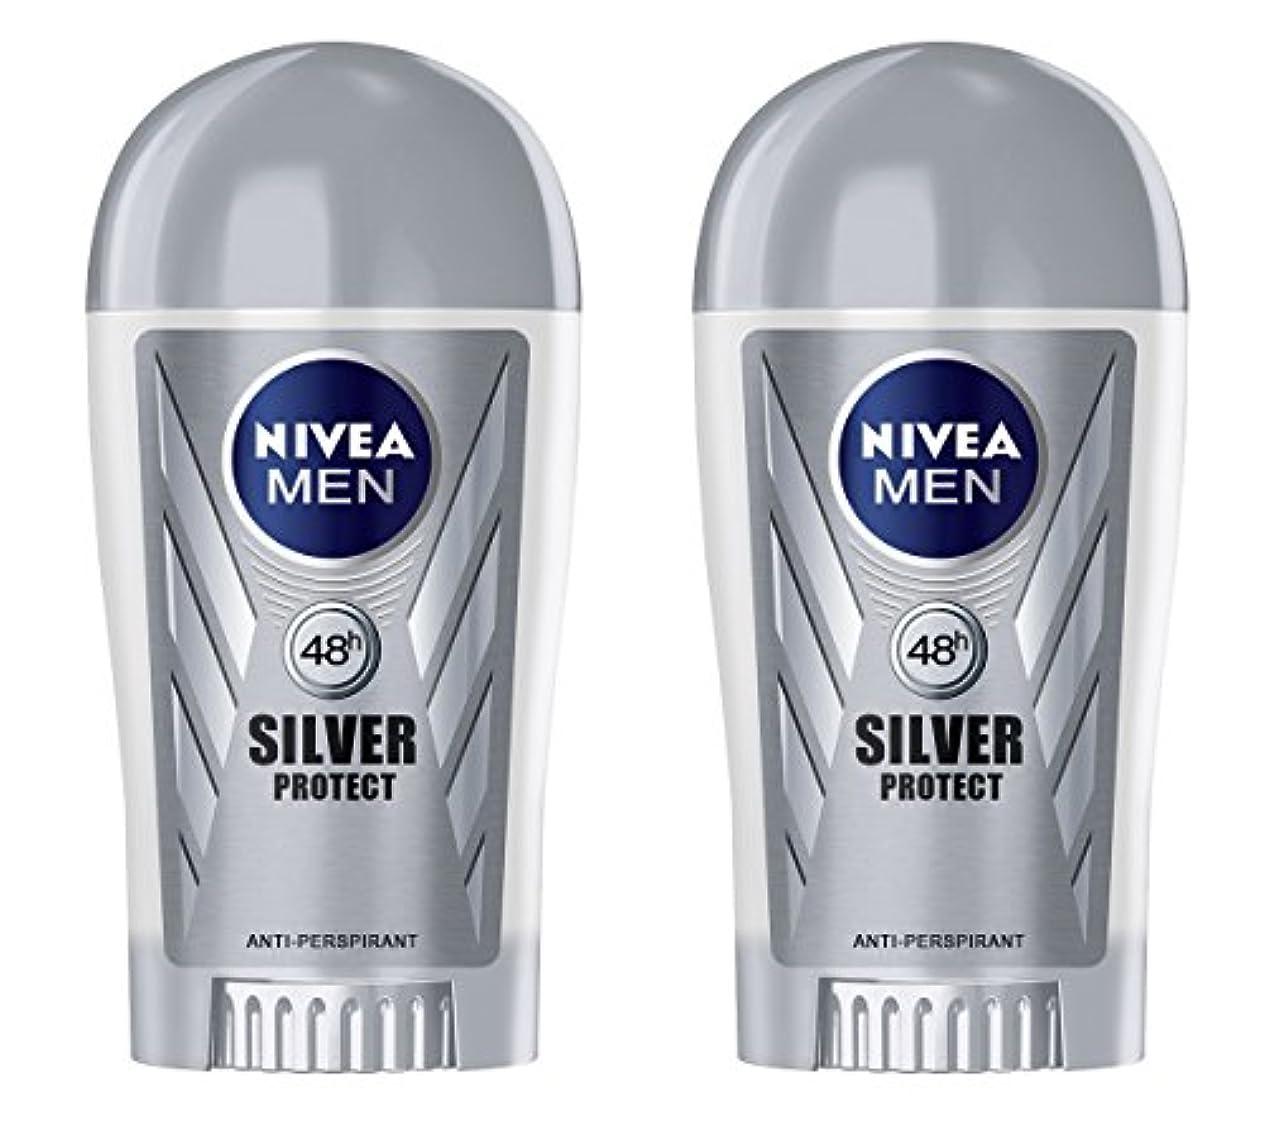 炎上観察金貸し(Pack of 2) Nivea Silver Protect Anti-perspirant Deodorant Stick for Men 2x40ml - (2パック) ニベア銀保護する制汗剤デオドラントスティック...